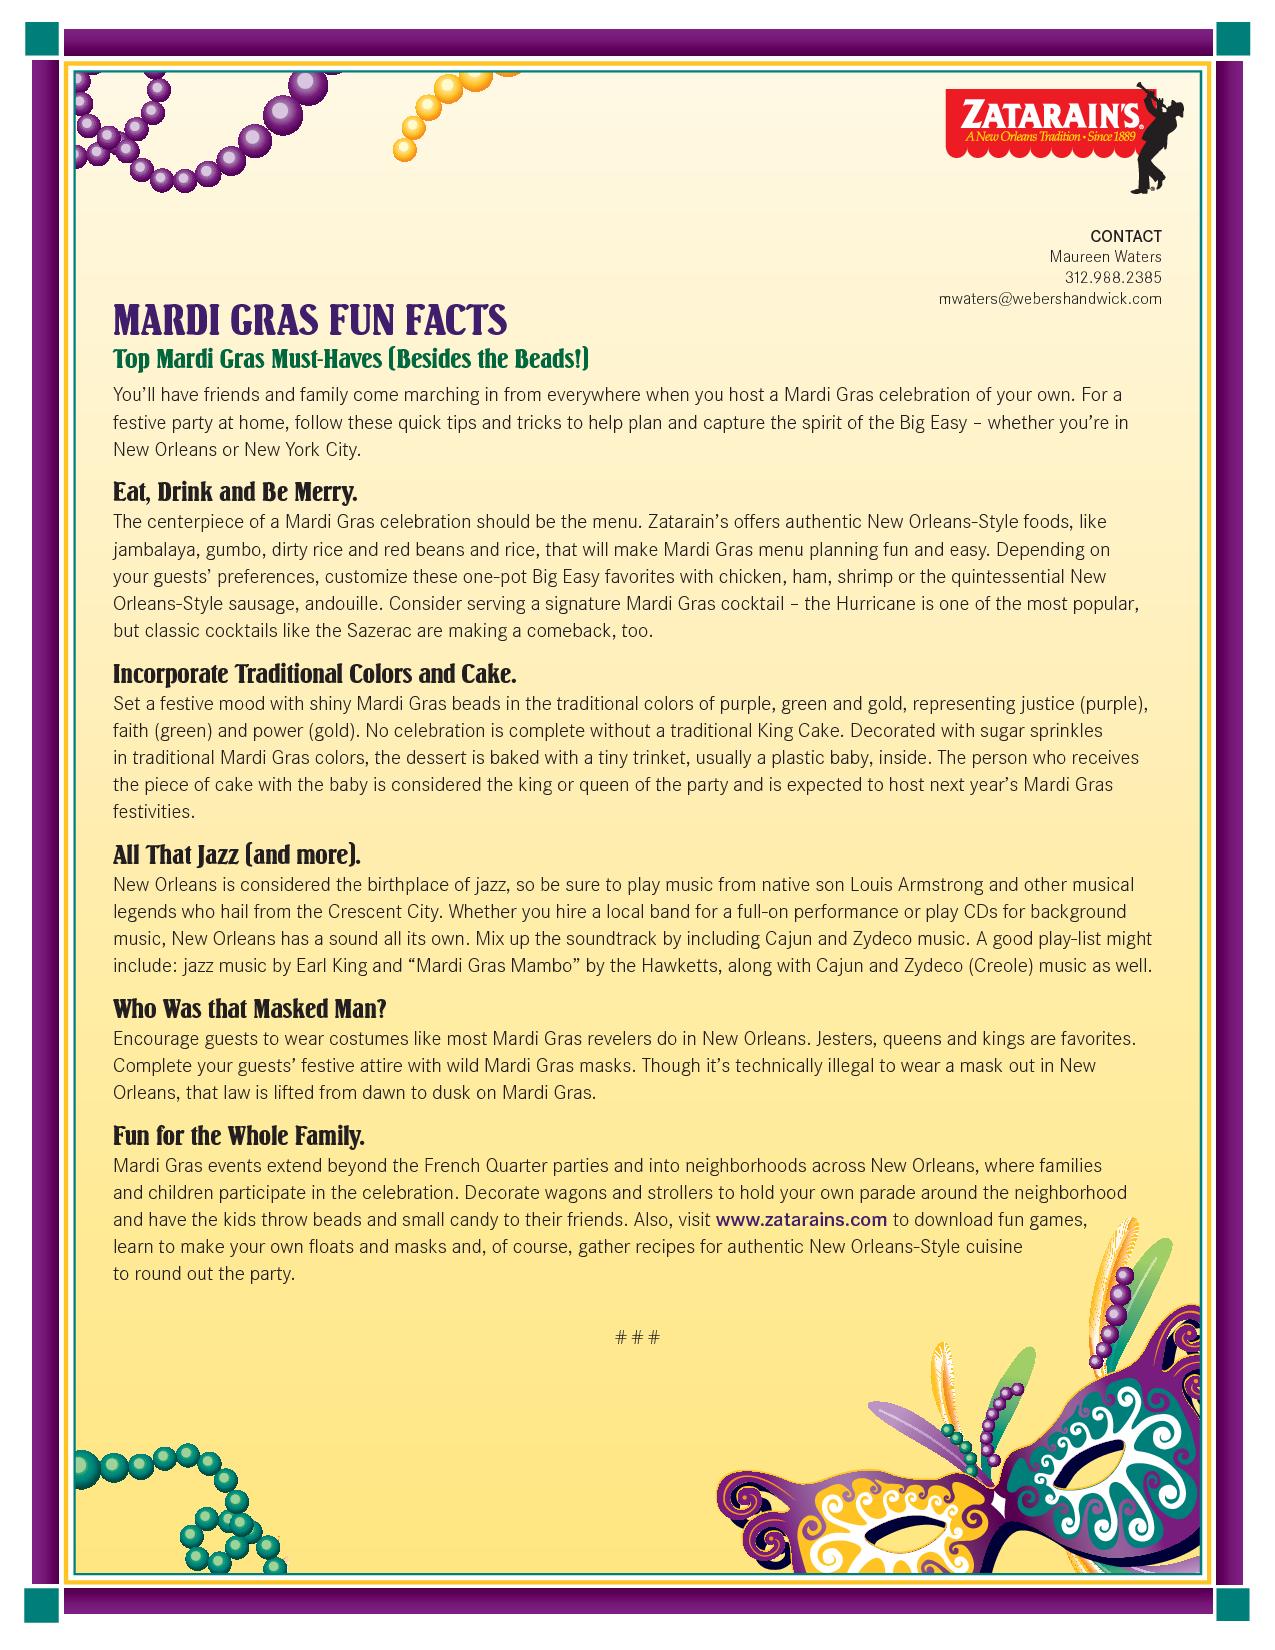 Mardi Gras Trivia. Mardi Gras Masks | Family | Mardi Gras Party - Free Printable Mardi Gras Games